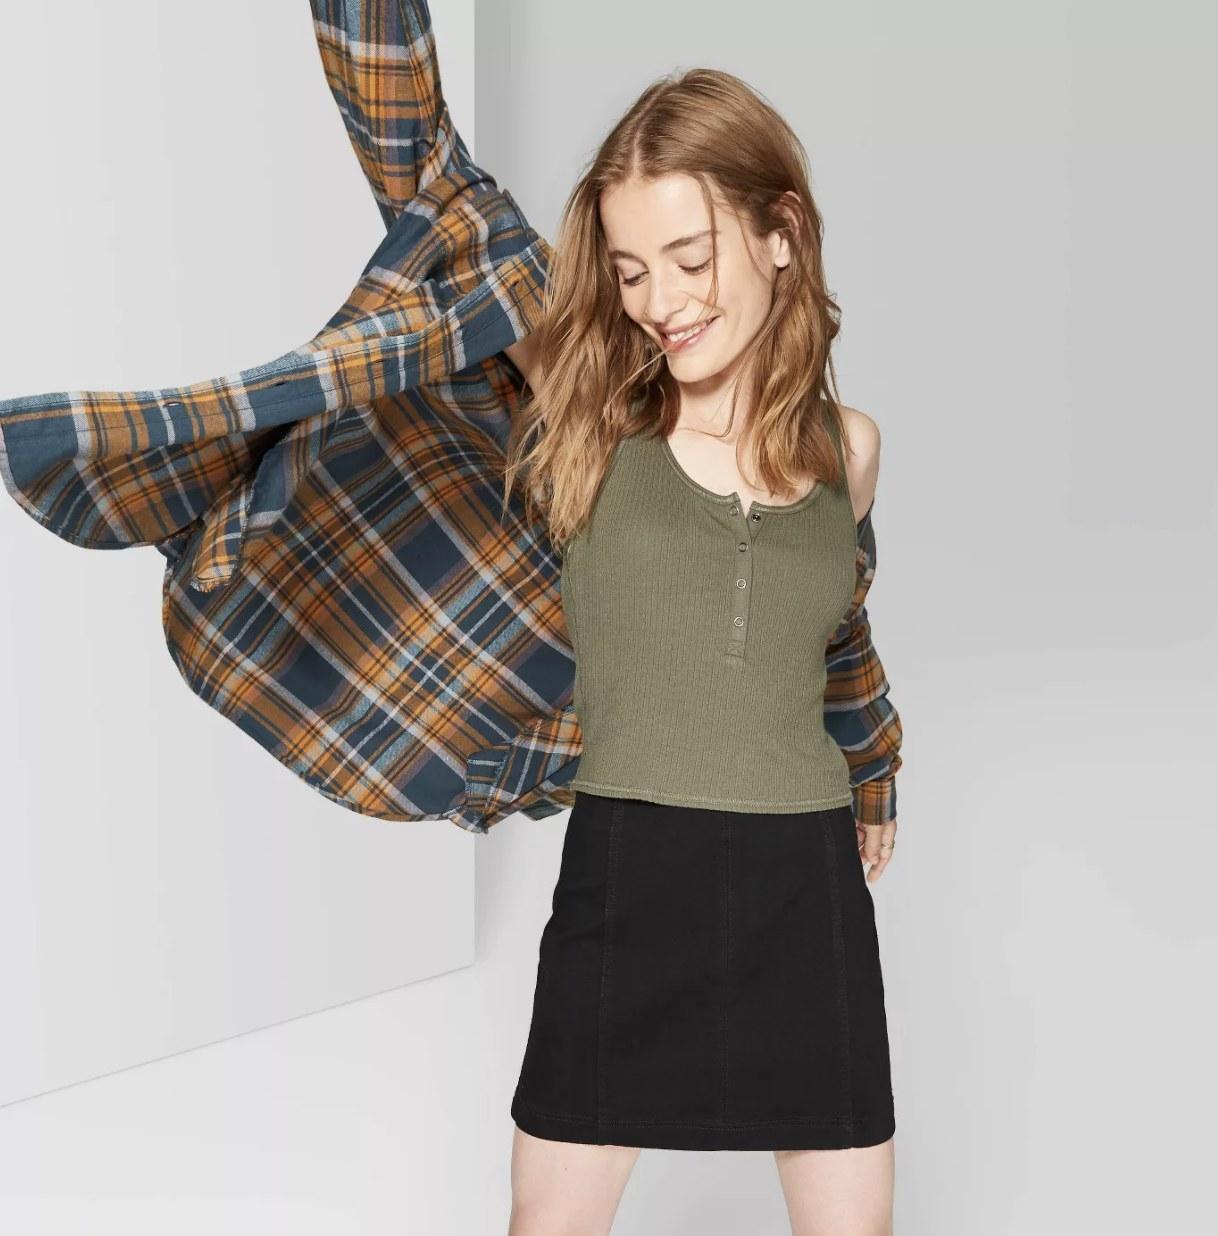 A model in the black skirt